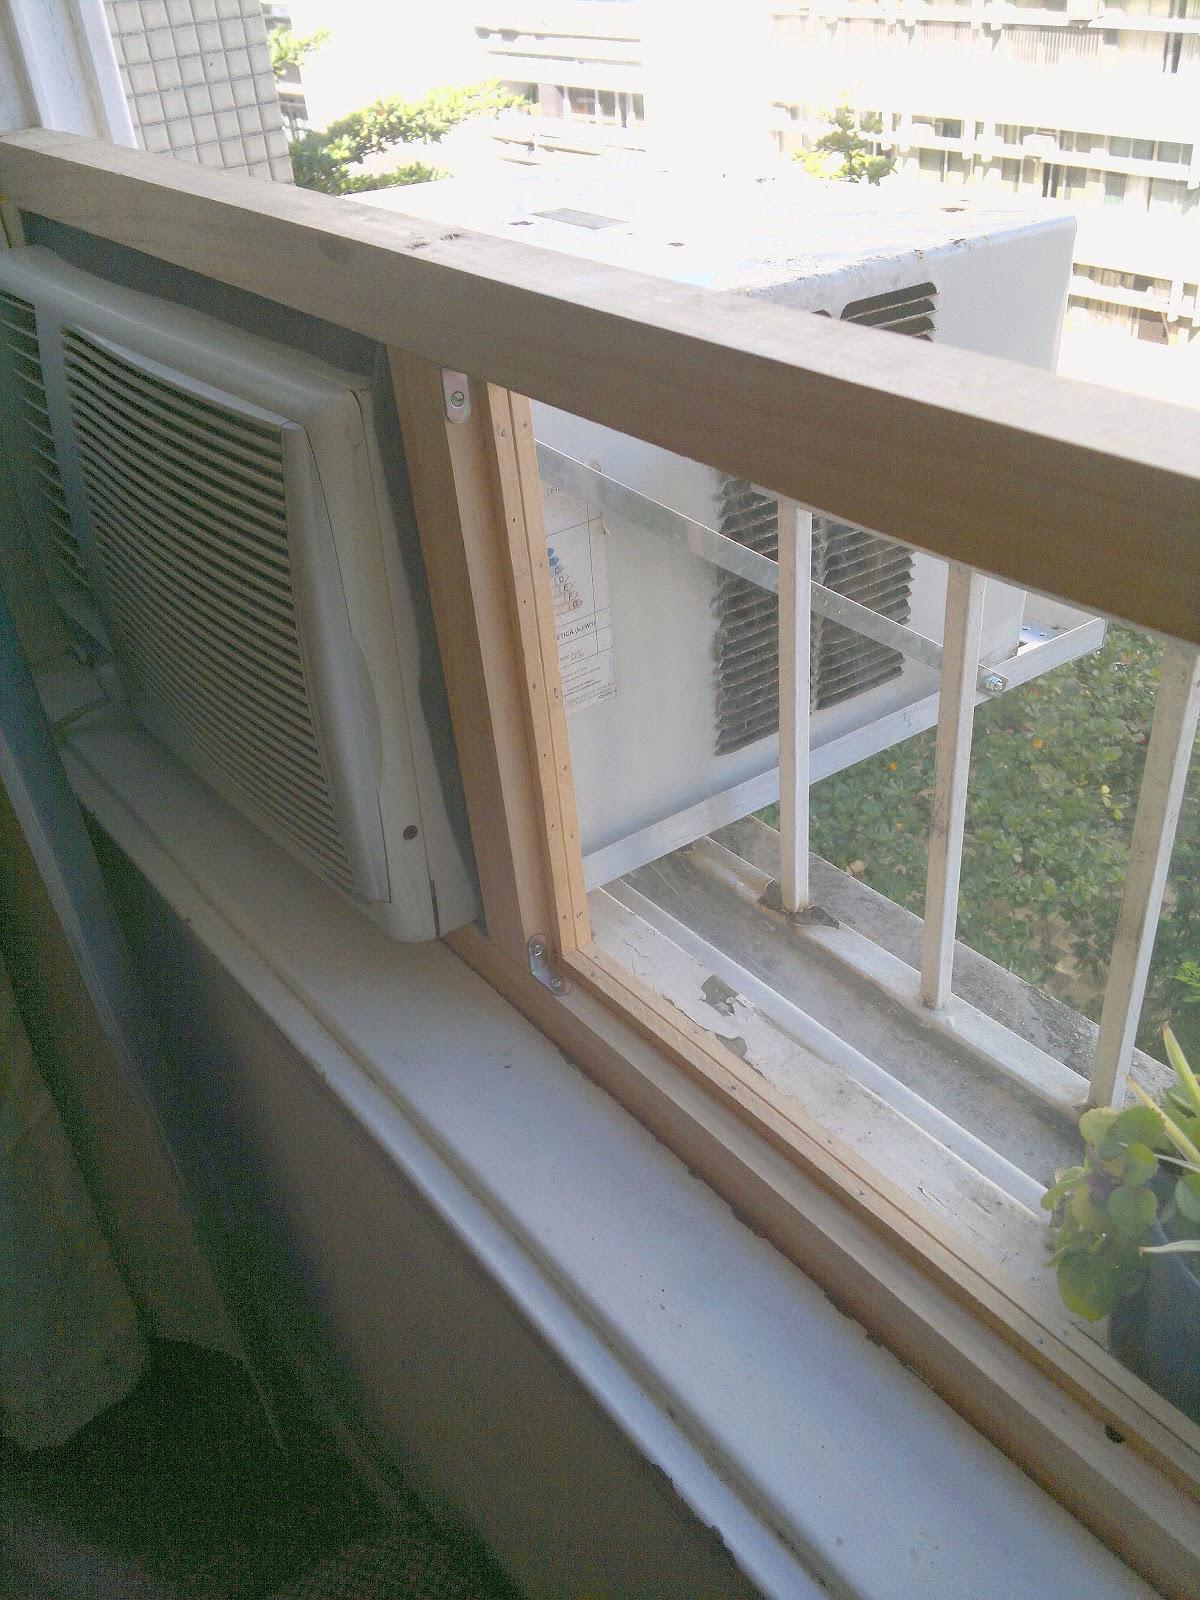 #5F5140  Eletricista: Como instalar um ar condicionado na janela guilhotina 4212 Instalar Ar Condicionado Janela Apartamento